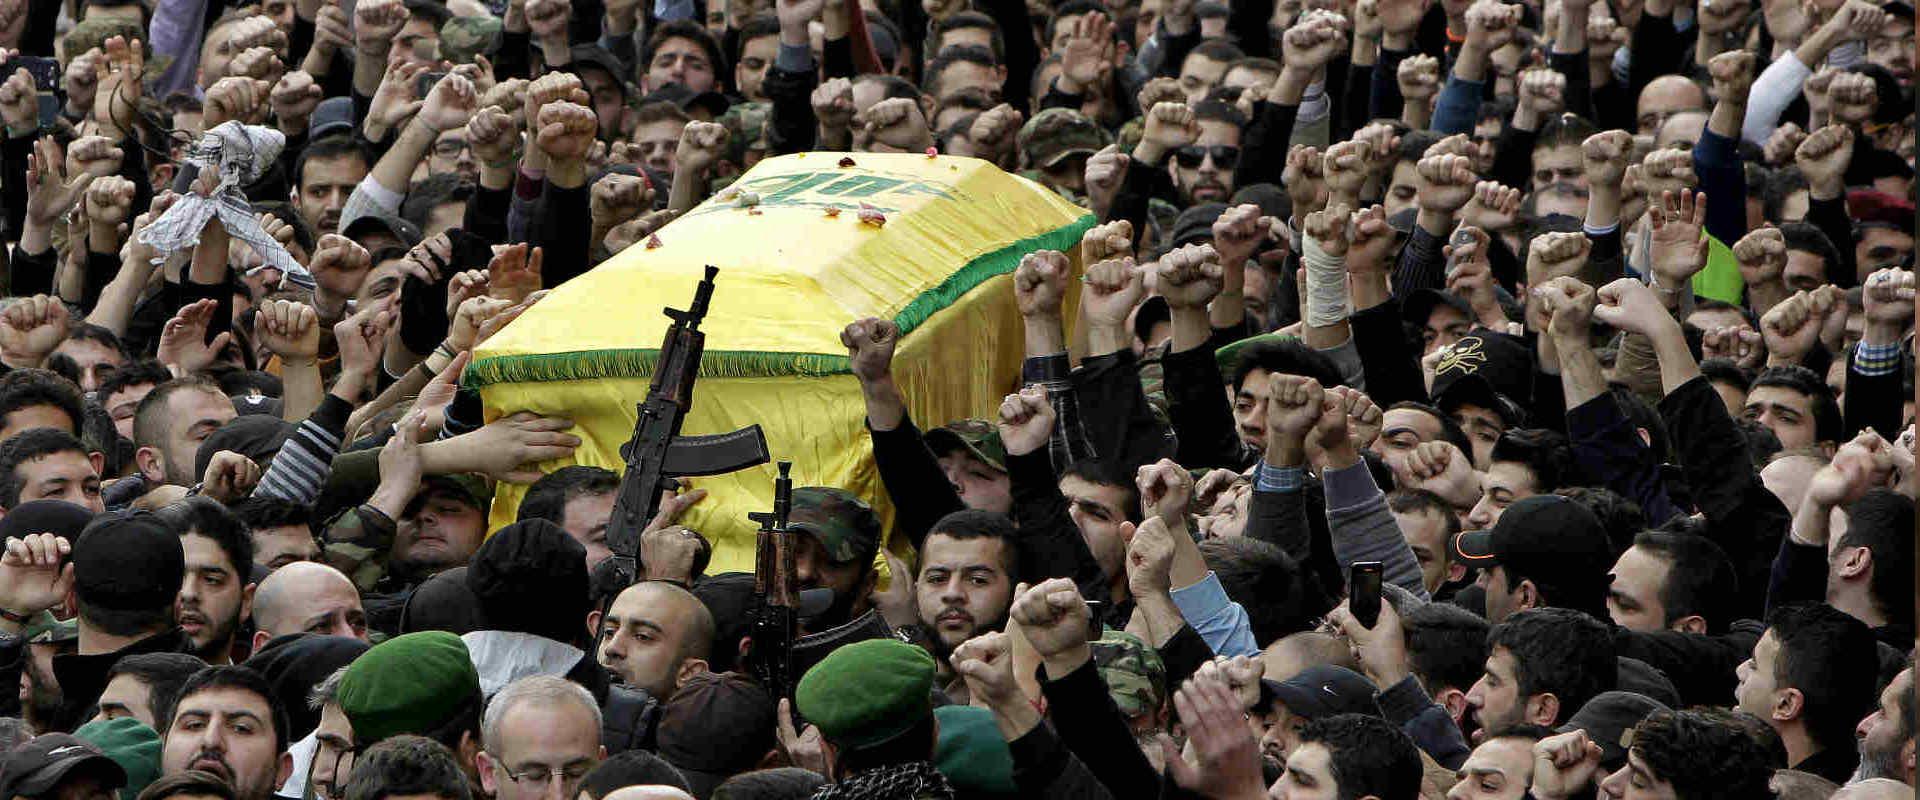 הלווייתו של ג'יהאד מורנייה בלבנון